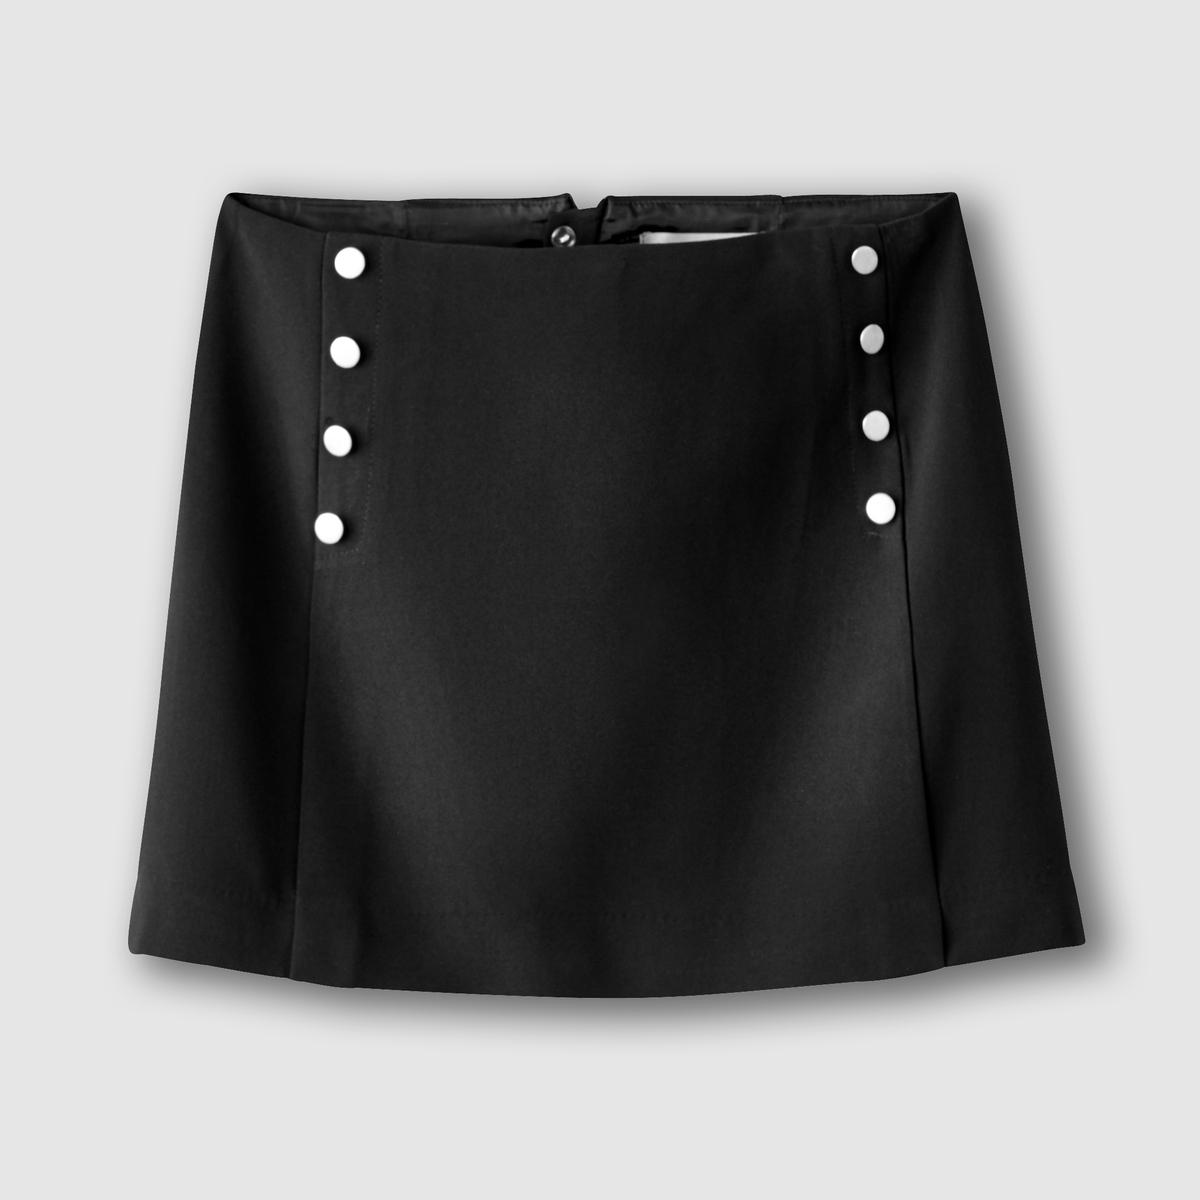 Юбка короткаяКороткая юбка. 93% полиэстера, 7% эластана. Прямой покрой. Декоративные пуговицы спереди. Скрытая застежка на молнию сзади. Длина 39 см.<br><br>Цвет: черный<br>Размер: 40 (FR) - 46 (RUS)